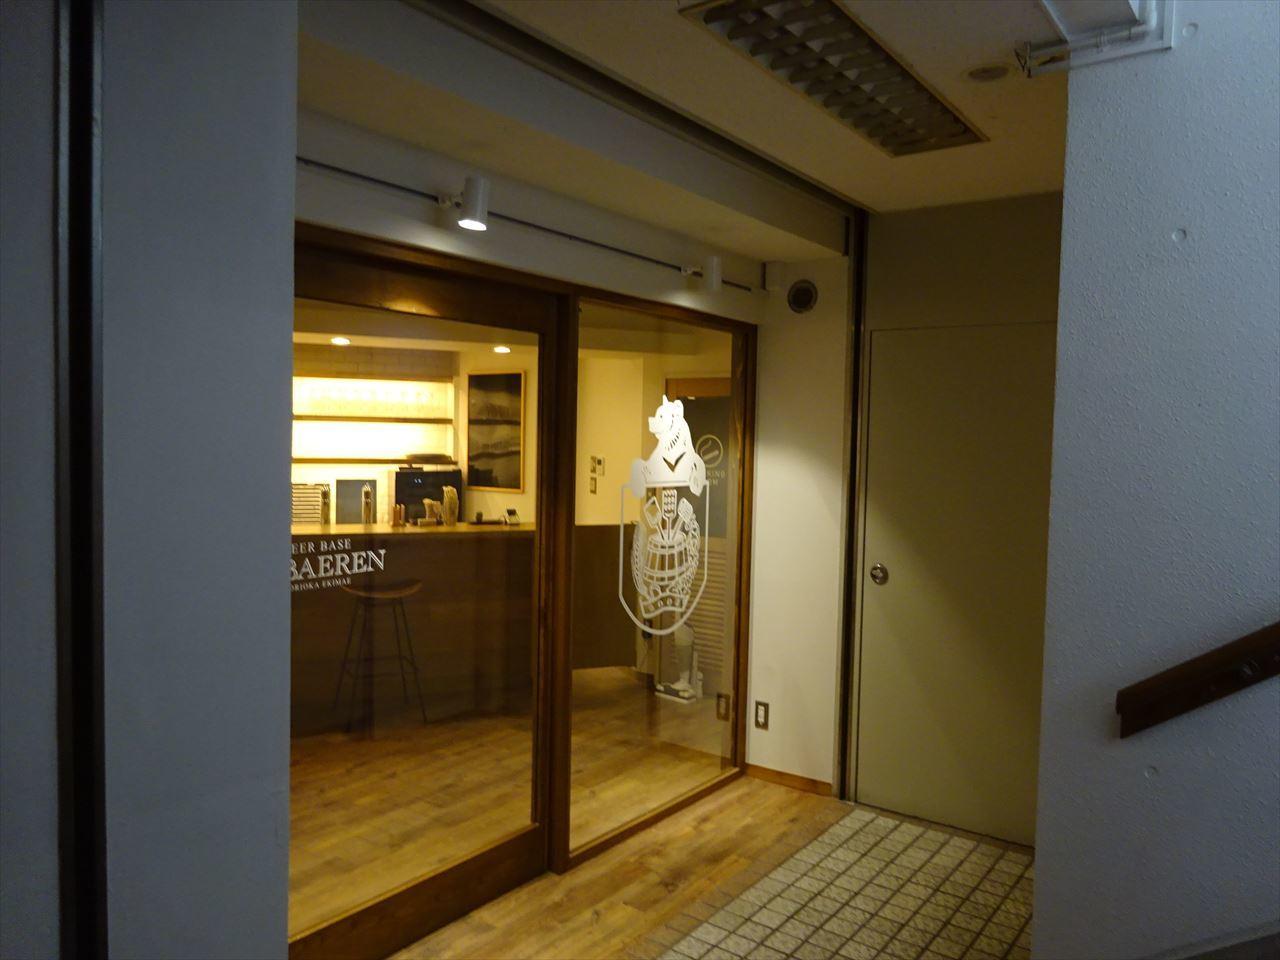 ベアレン醸造所様 駅前新店舗開店工事 工事完了へ!_f0105112_06454798.jpg